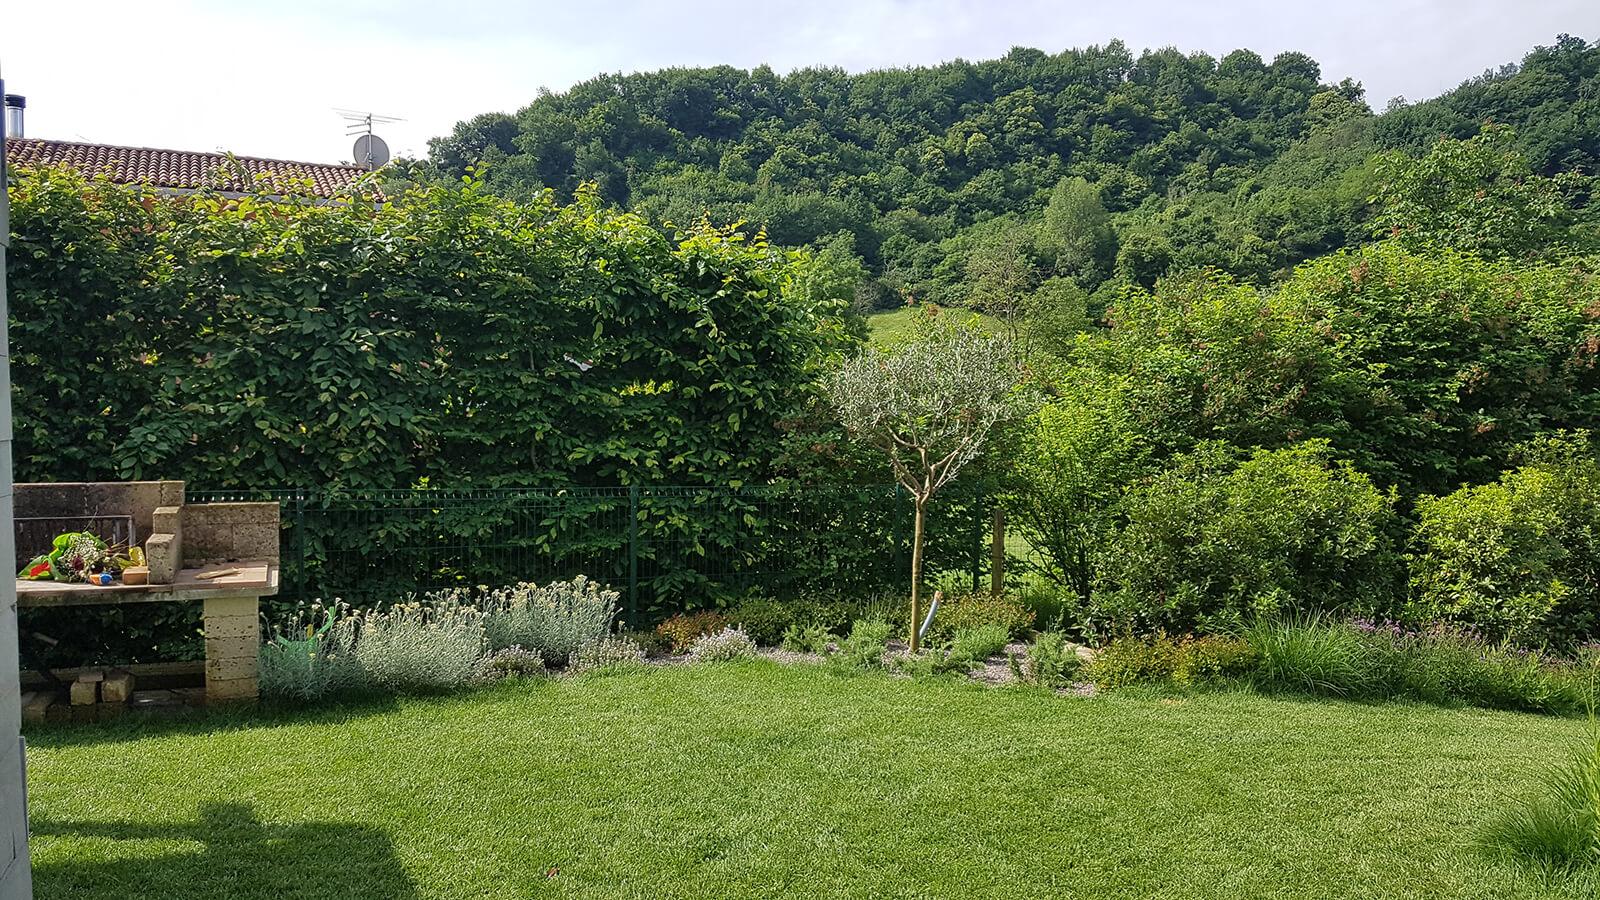 progettazione realizzazione giardini marostica - verde blu giardini 13